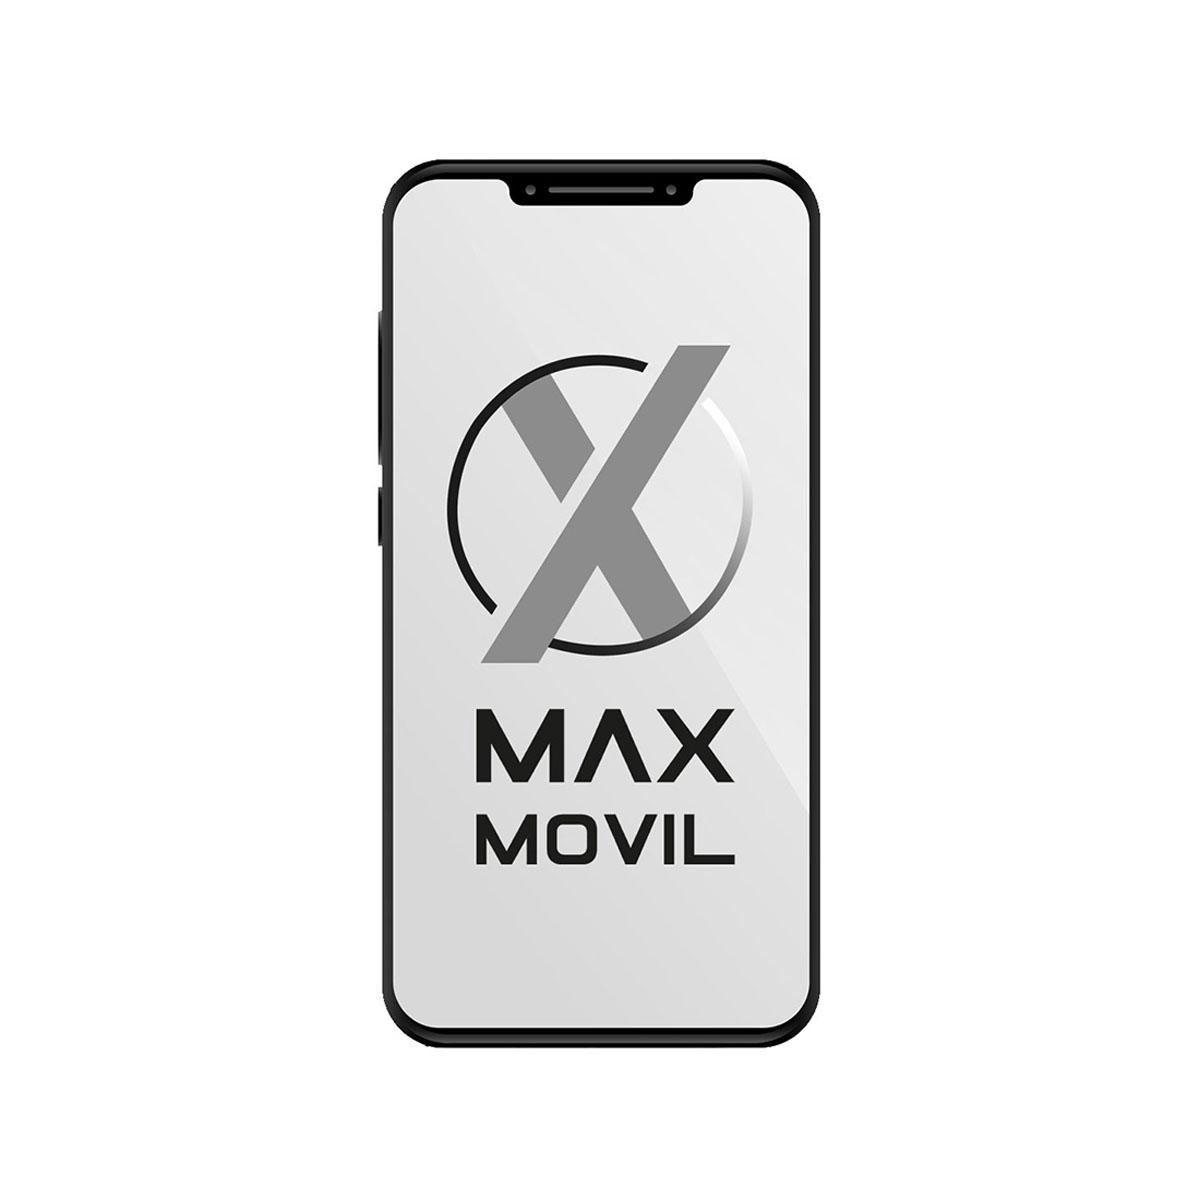 Samsung Galaxy Note 20 4G 8GB/256GB Gris (Mystic Gray) Dual SIM N980F